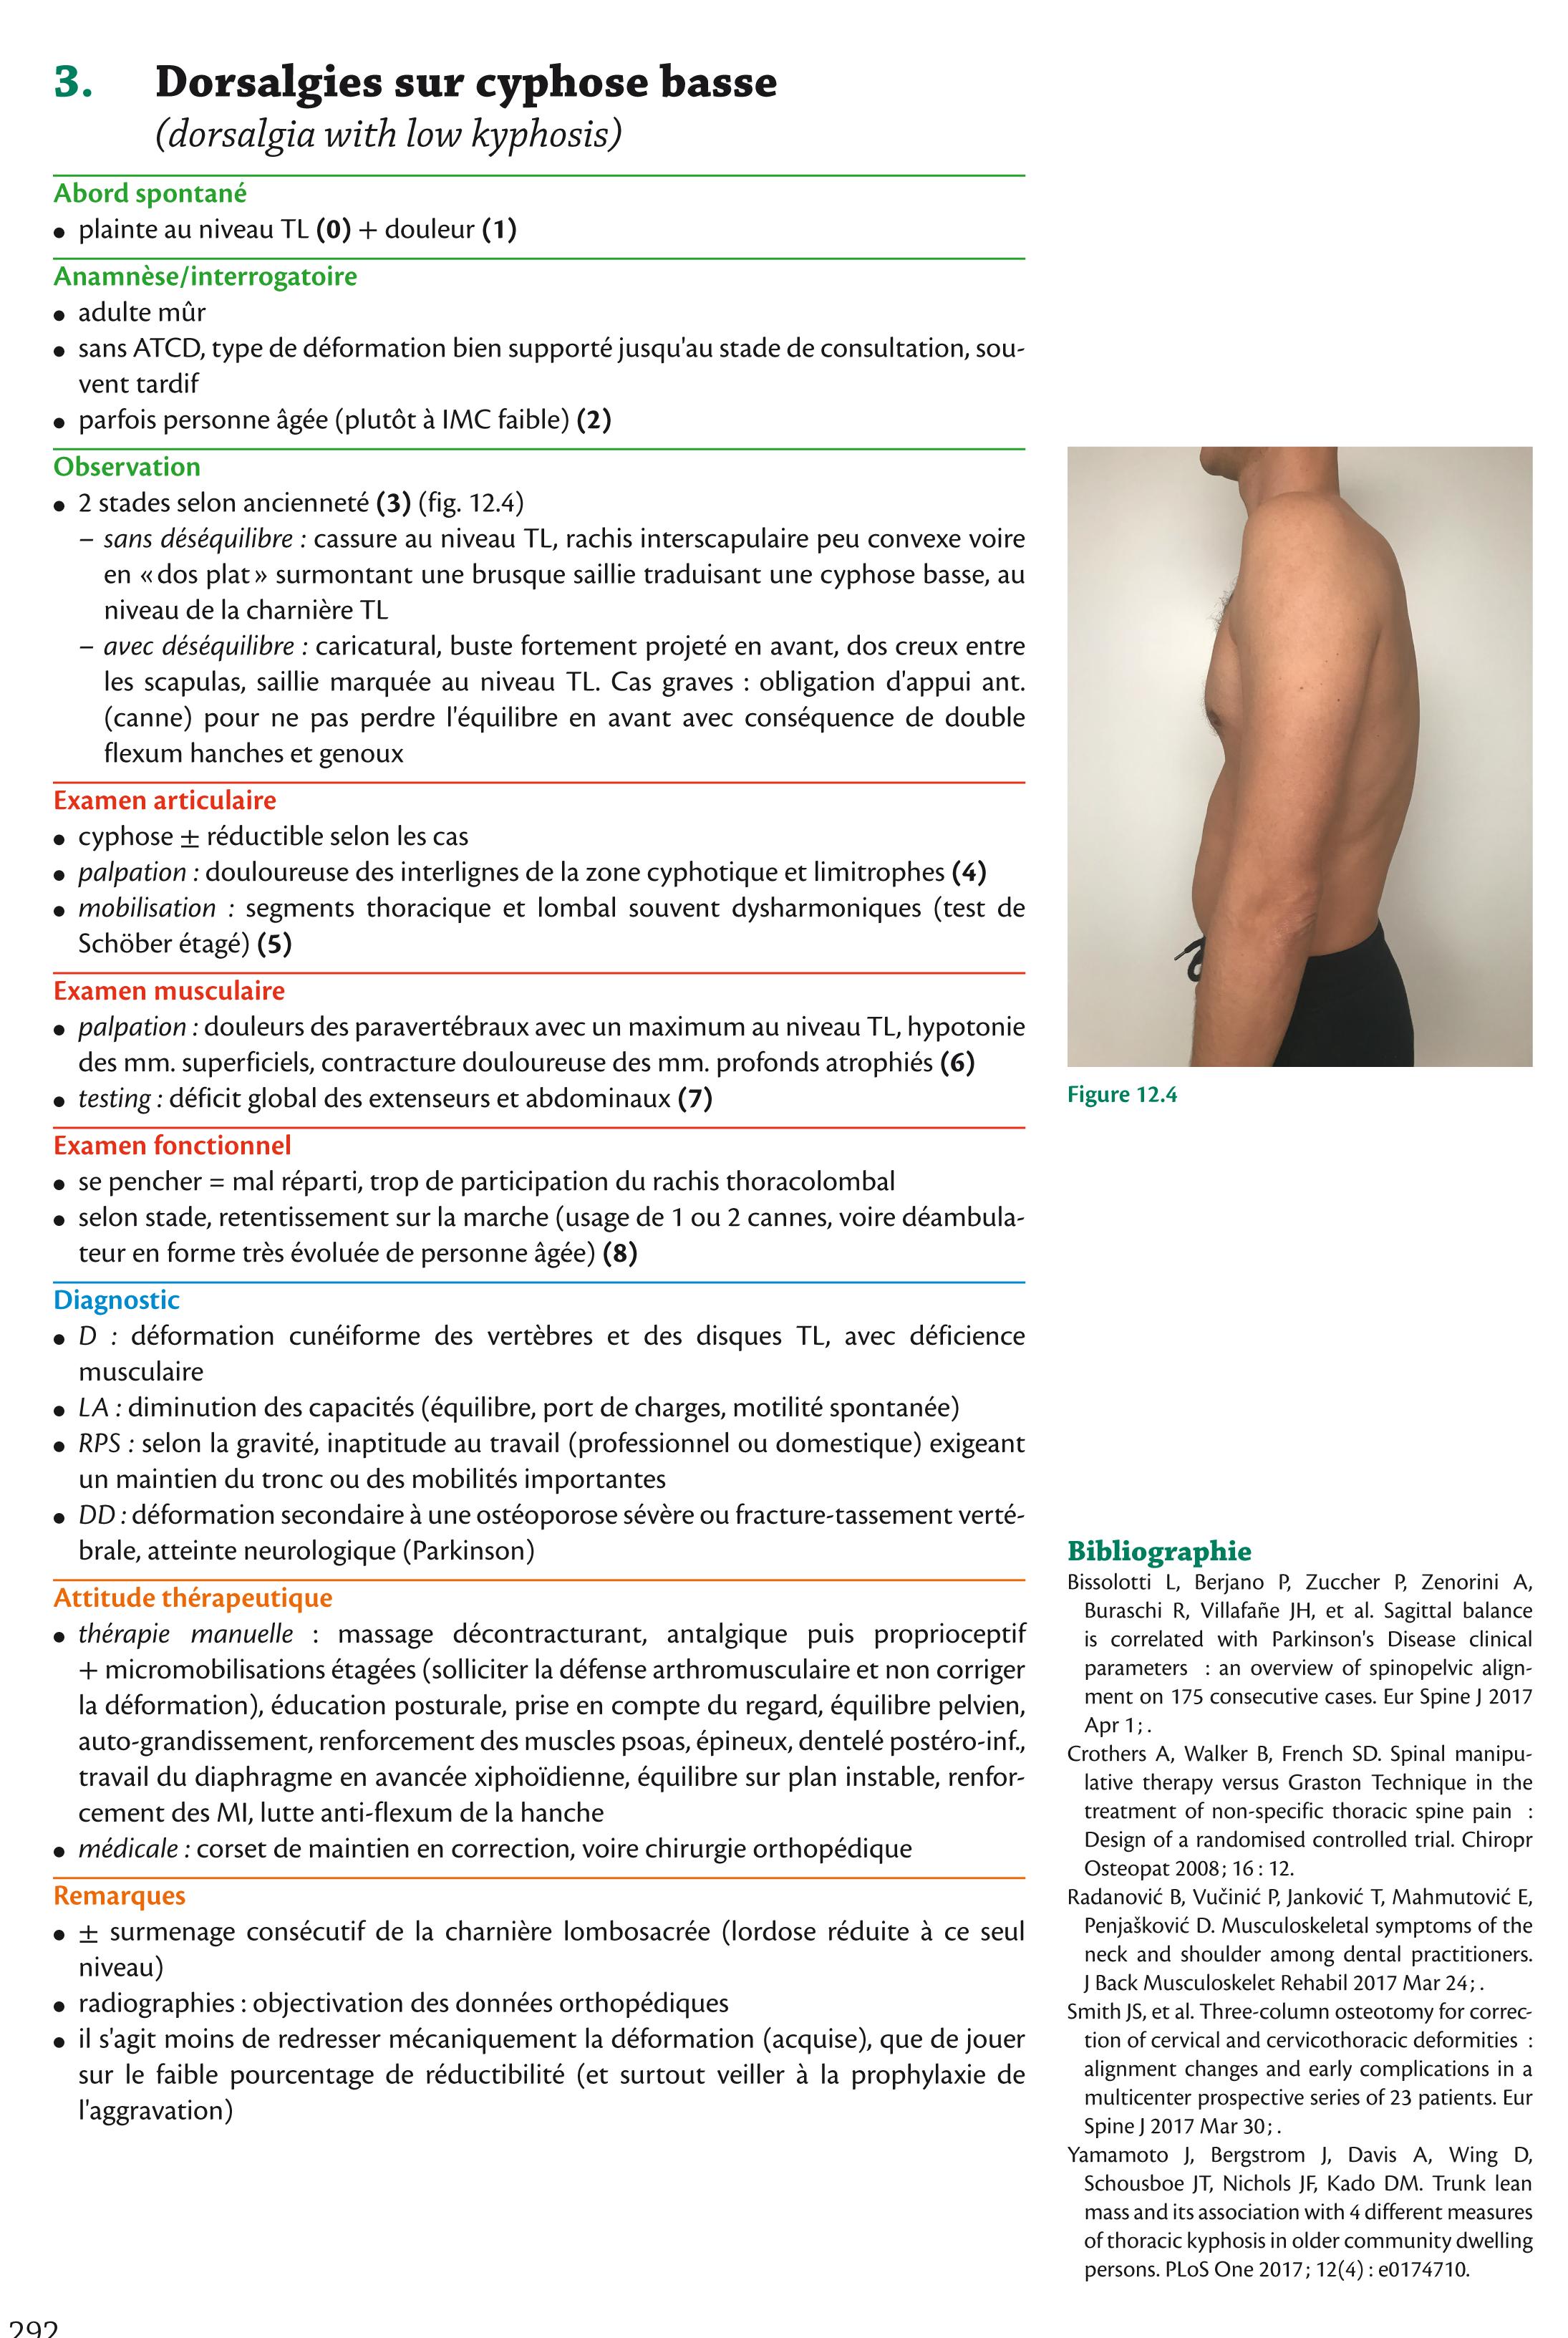 3. Dorsalgies sur cyphose basse